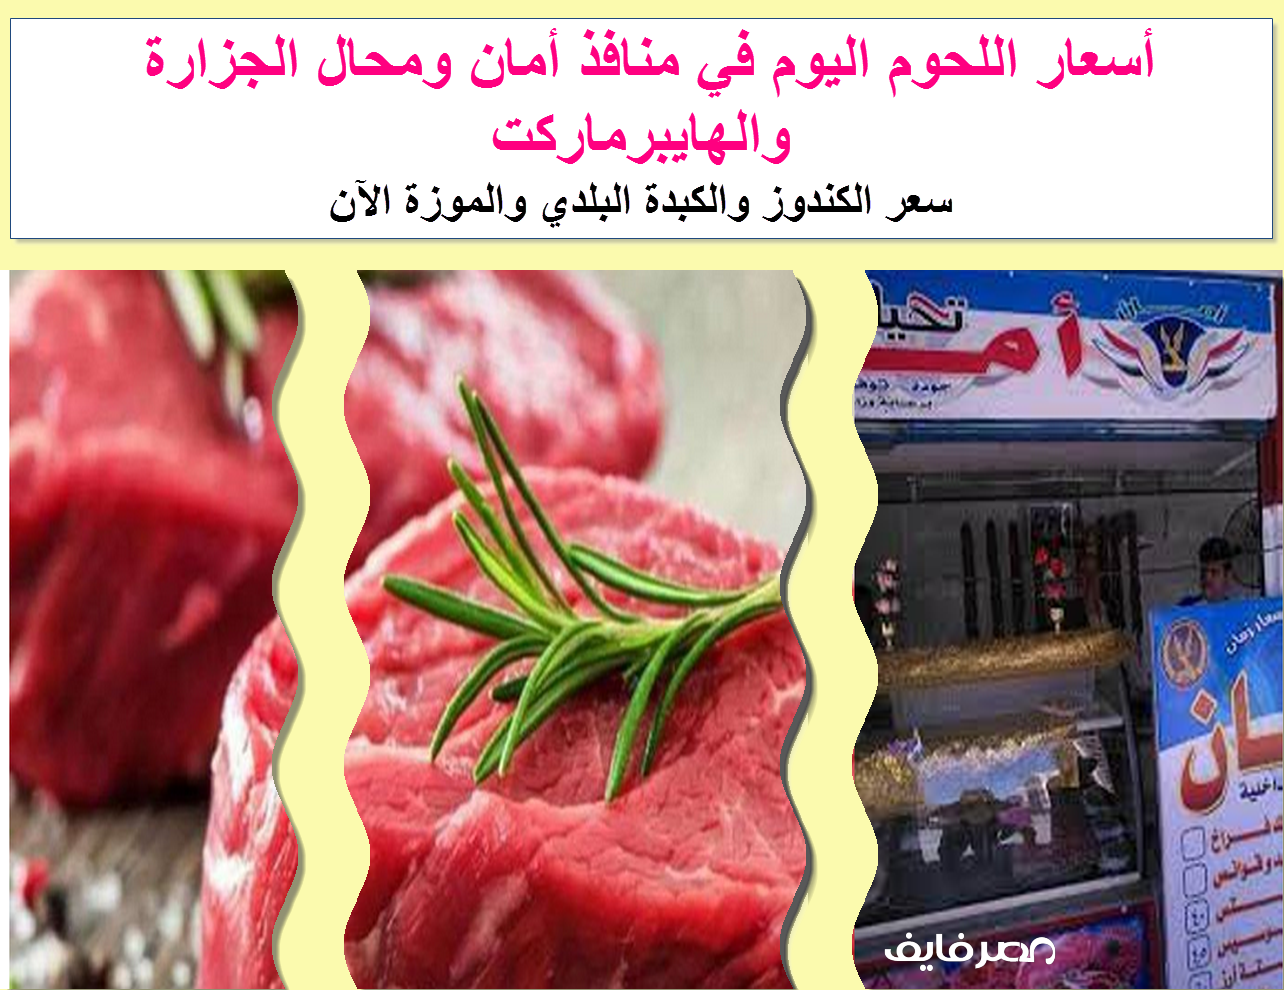 قبل ما تشتري أعرف أسعار اللحوم في منافذ أمان 2021 والبلدي والسوداني في محلات الجزارة والهايبرماركت